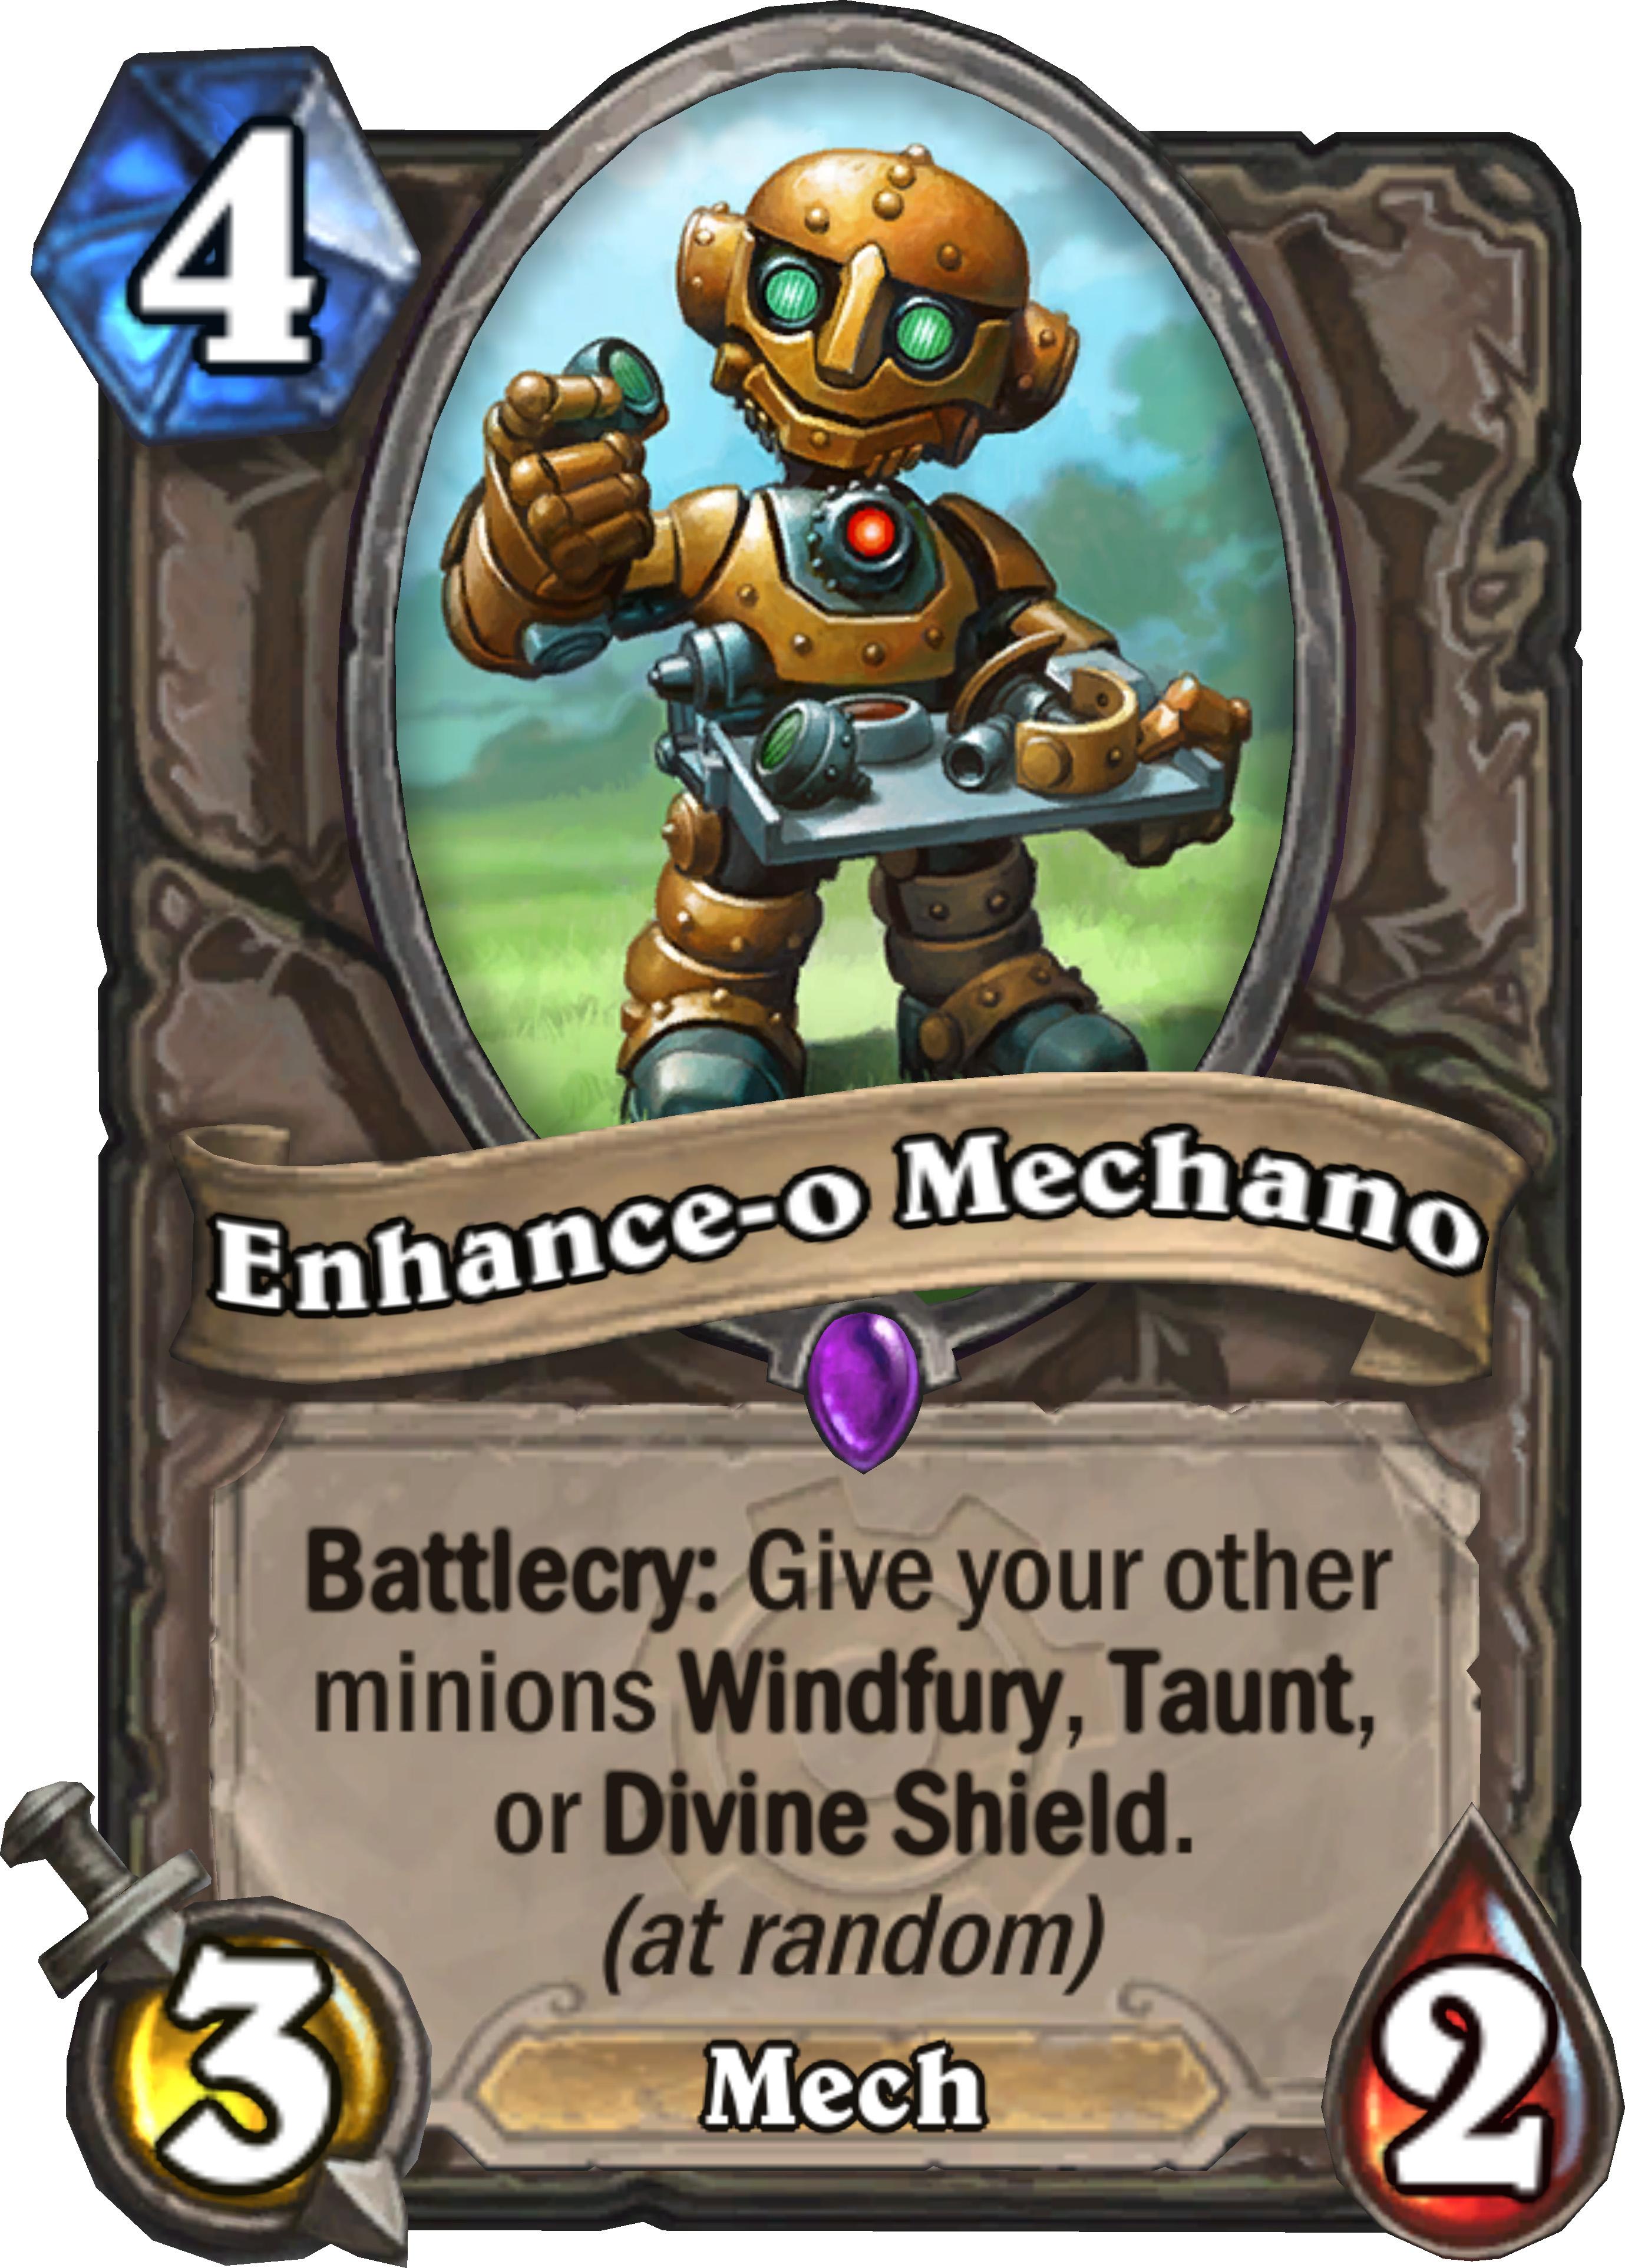 ENHANCE-O-MECHANO